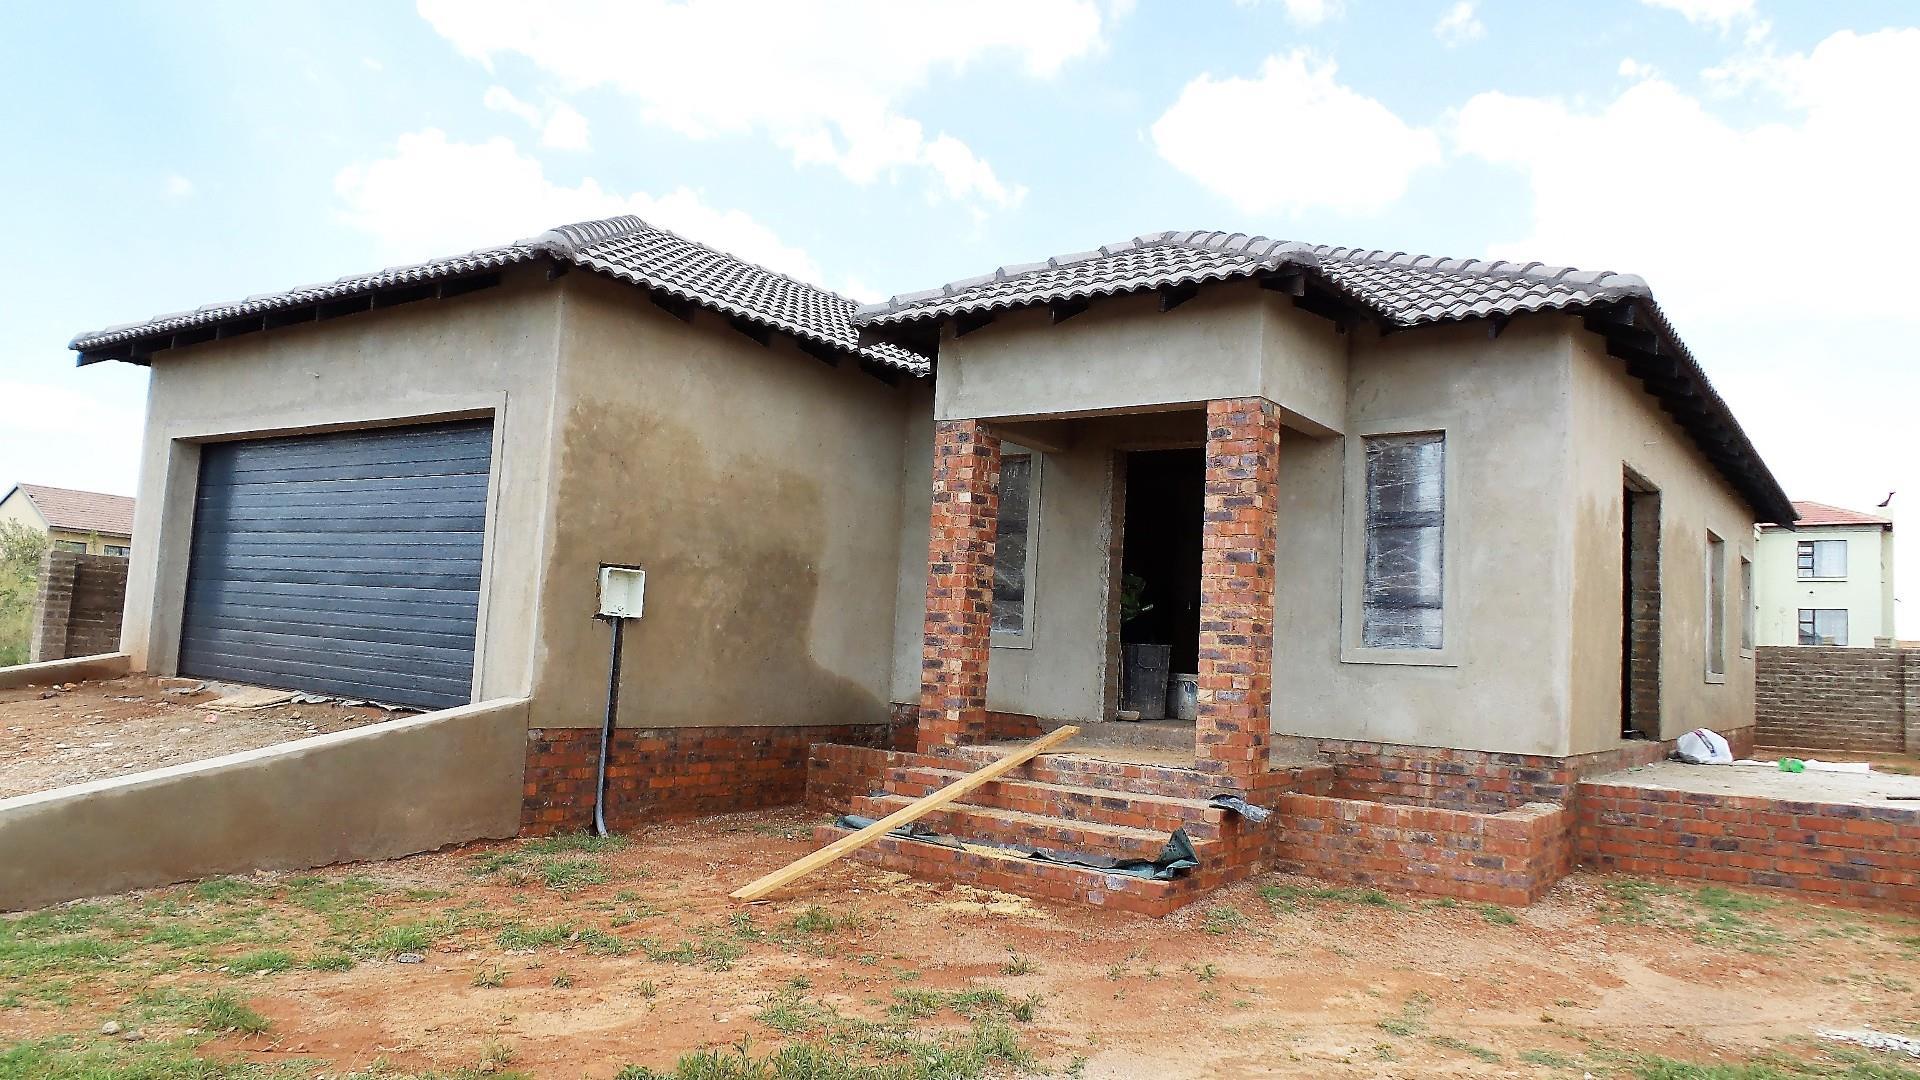 122 Rustenburg, Wildtuin Park, Krugersdorp - ZAF (photo 1)